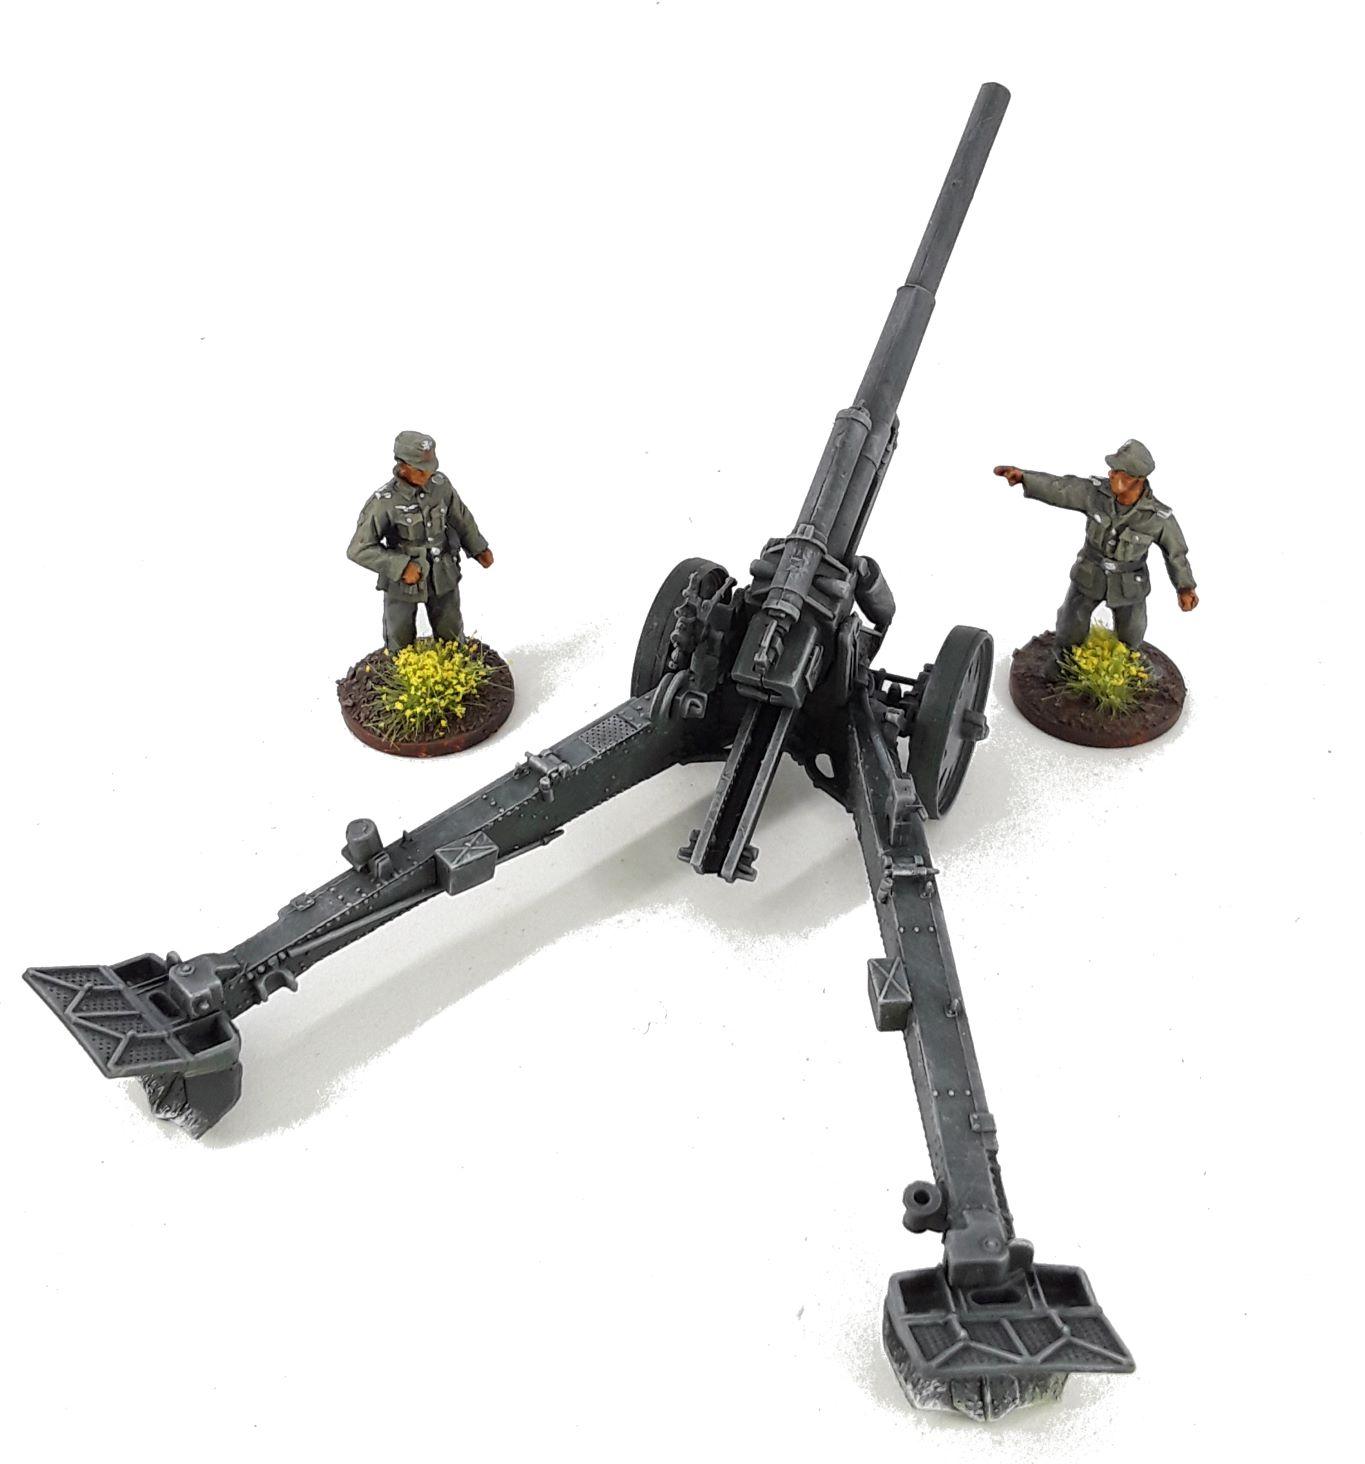 Beiträge Rüstungsspirale #80 März 2021: Artillerie Sfh18-12